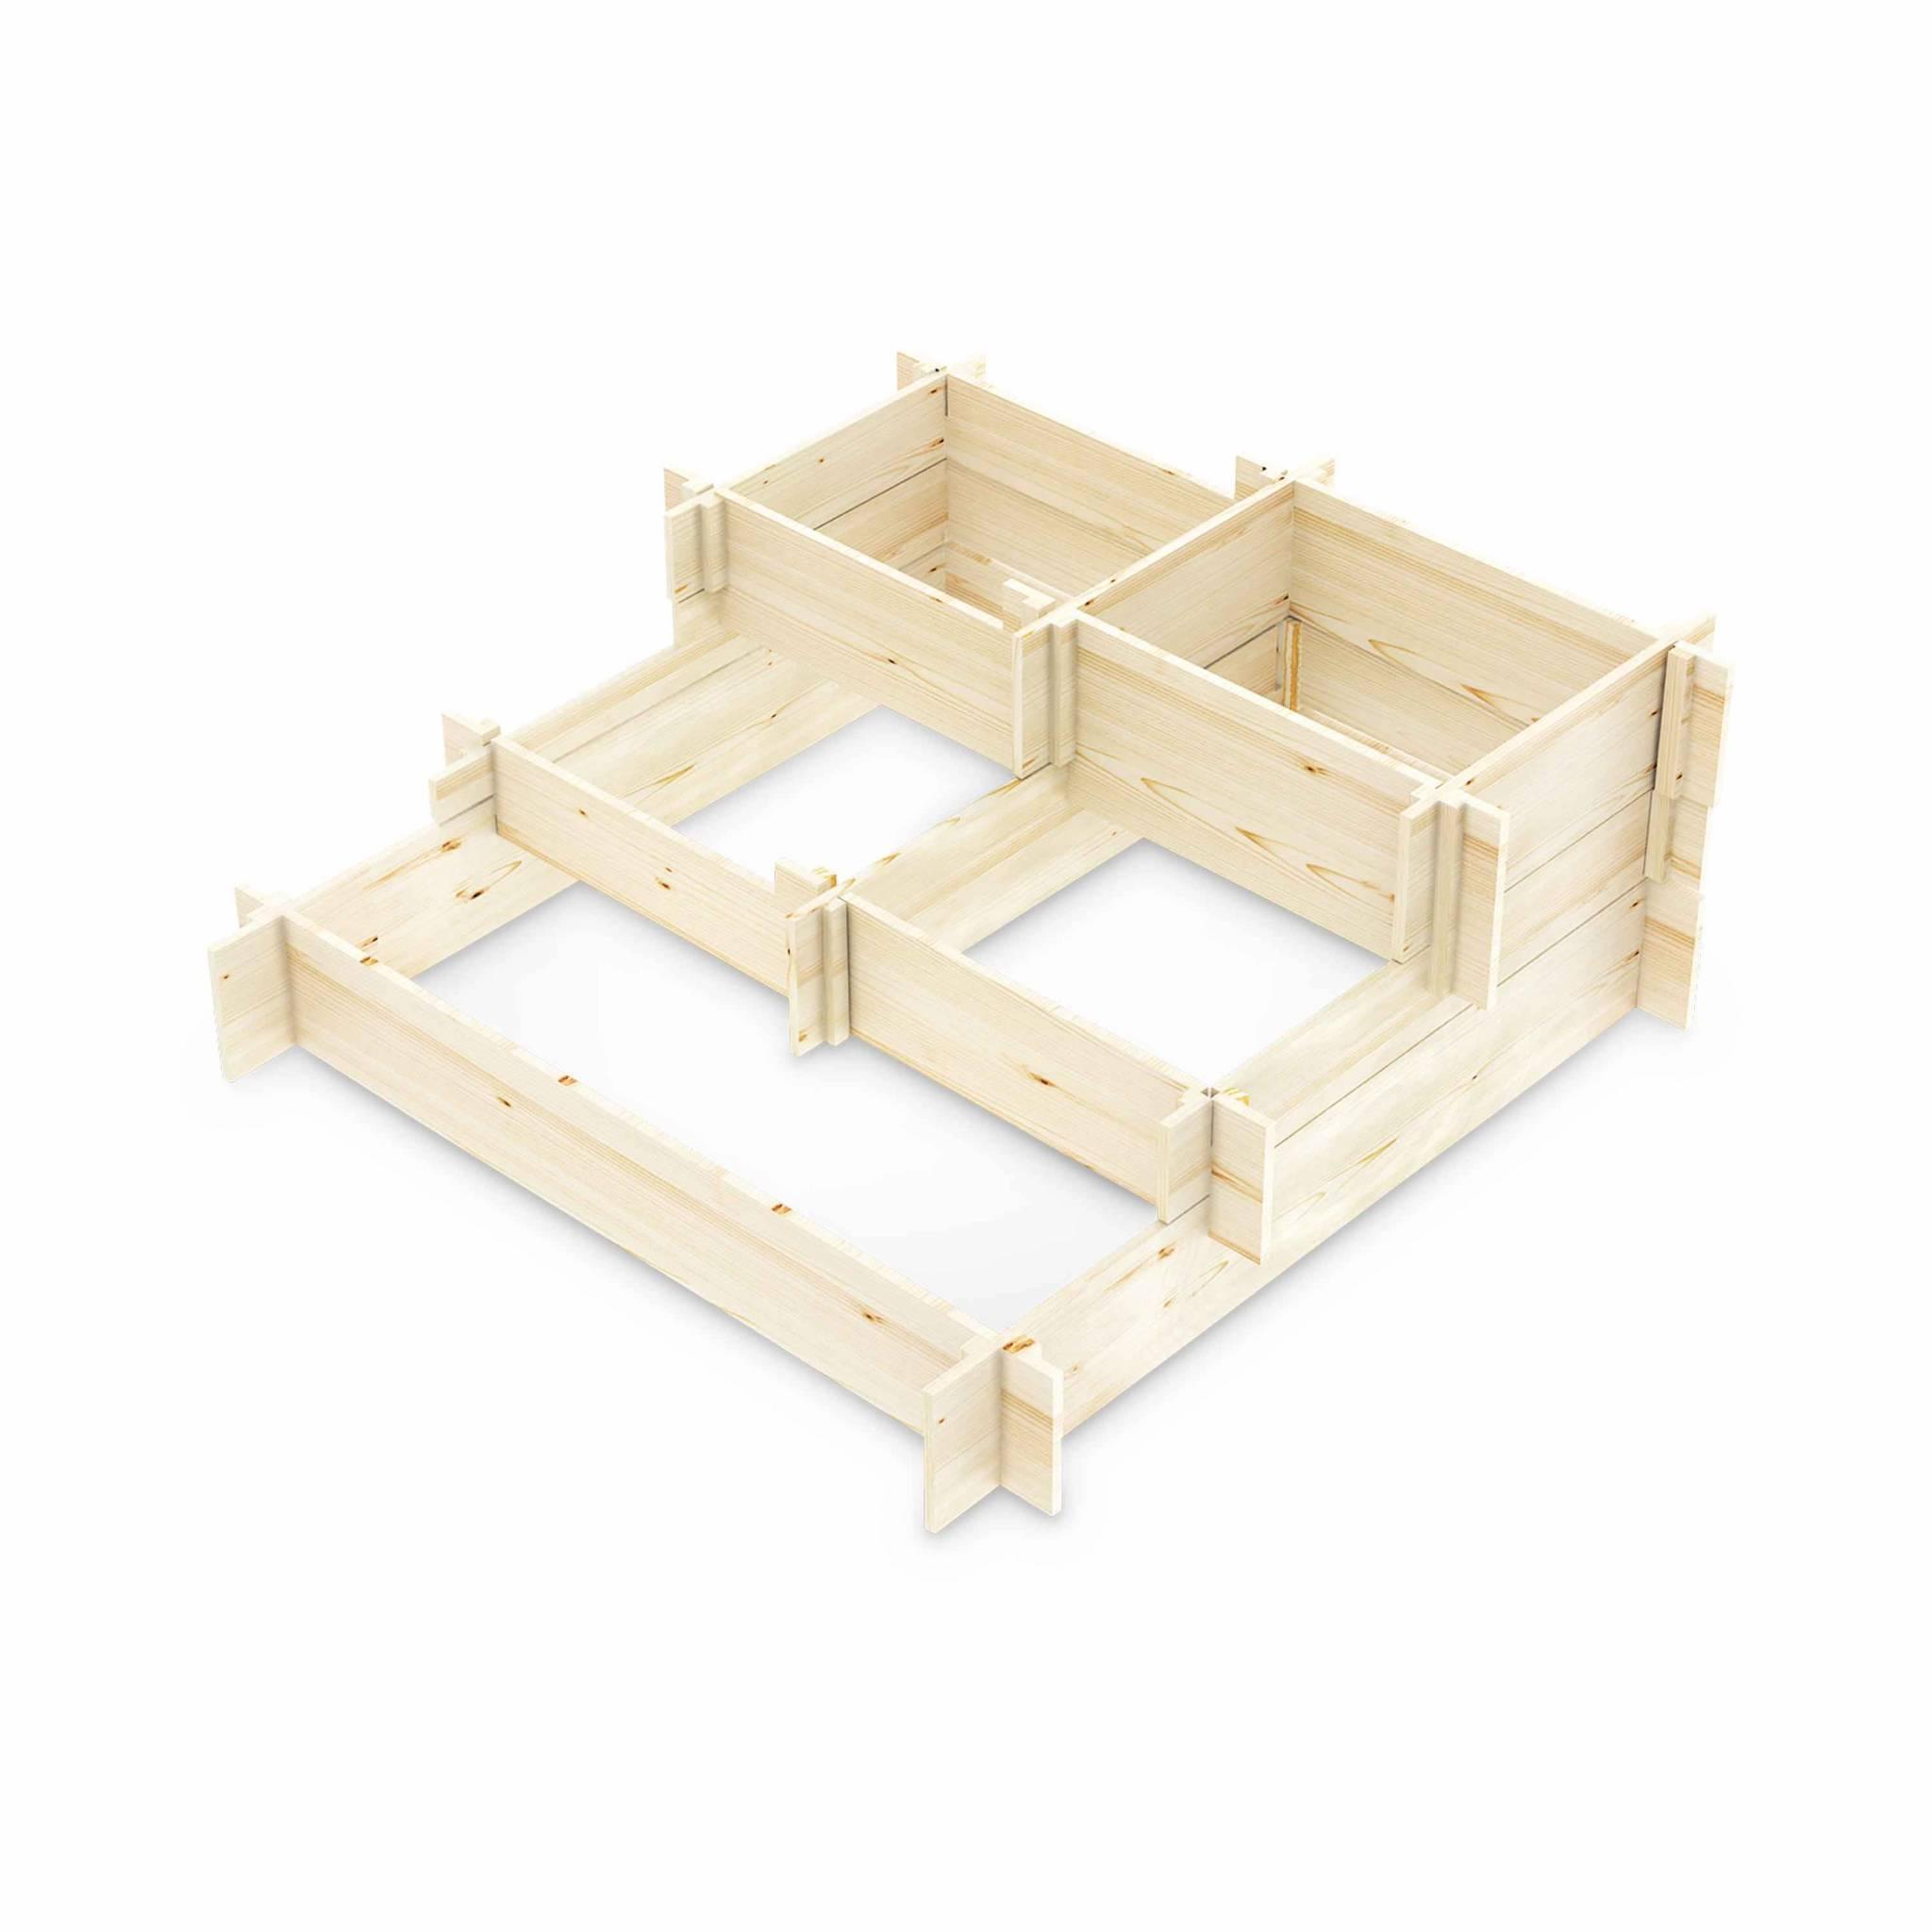 carré potager 5 étages 5 compartiments - lavande - bois pin canadien